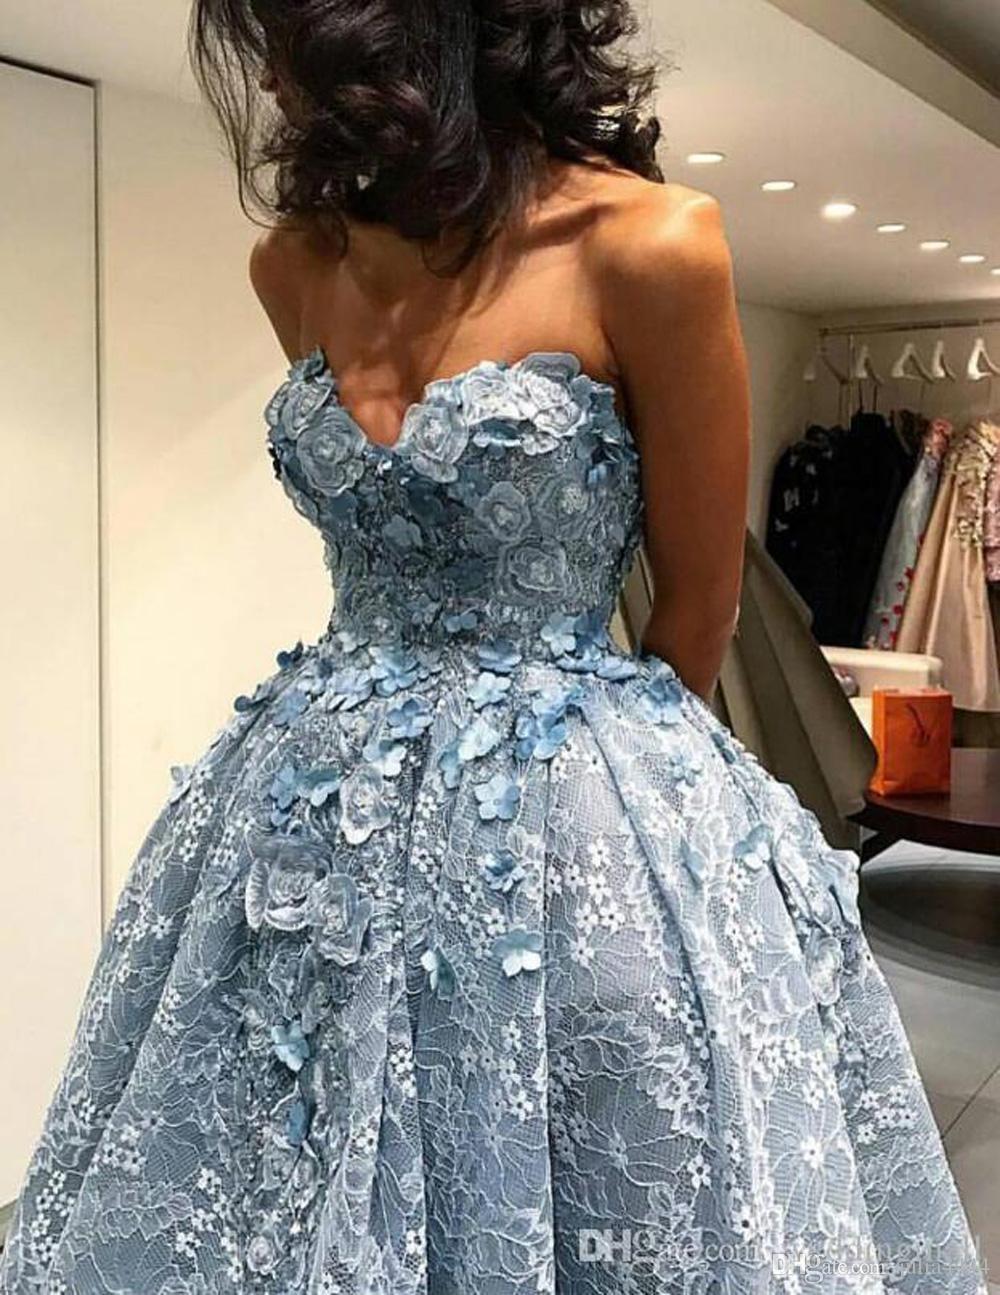 Небесно-голубой 3D кружева цветочные высокие низкие бальные платья выпускного вечера 2019 Elie Saab без бретелек с открытой спиной цветы Дубай арабский вечернее платье